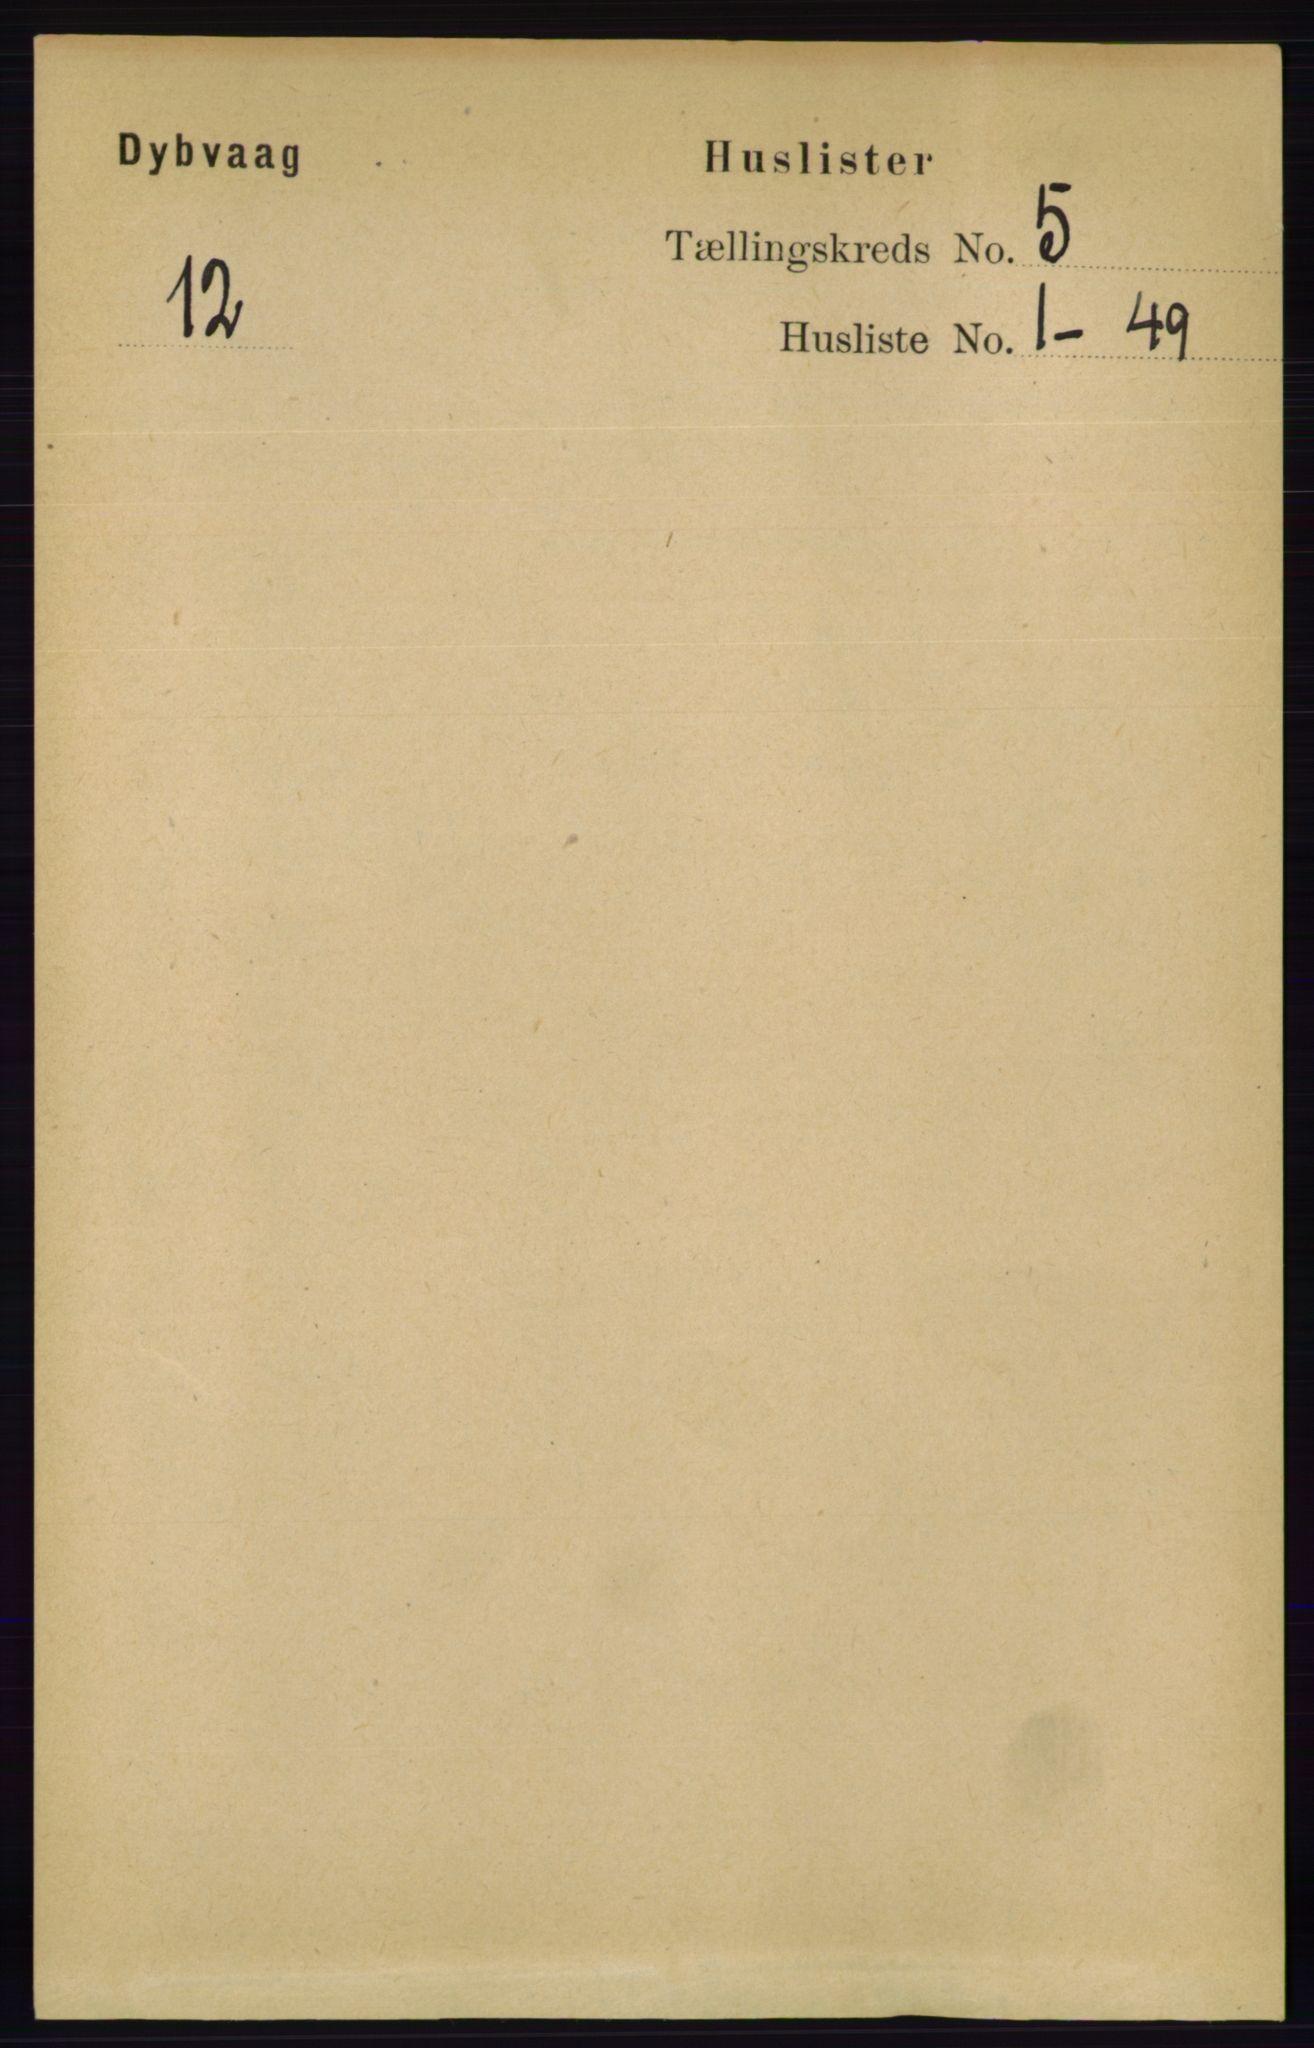 RA, Folketelling 1891 for 0915 Dypvåg herred, 1891, s. 1314